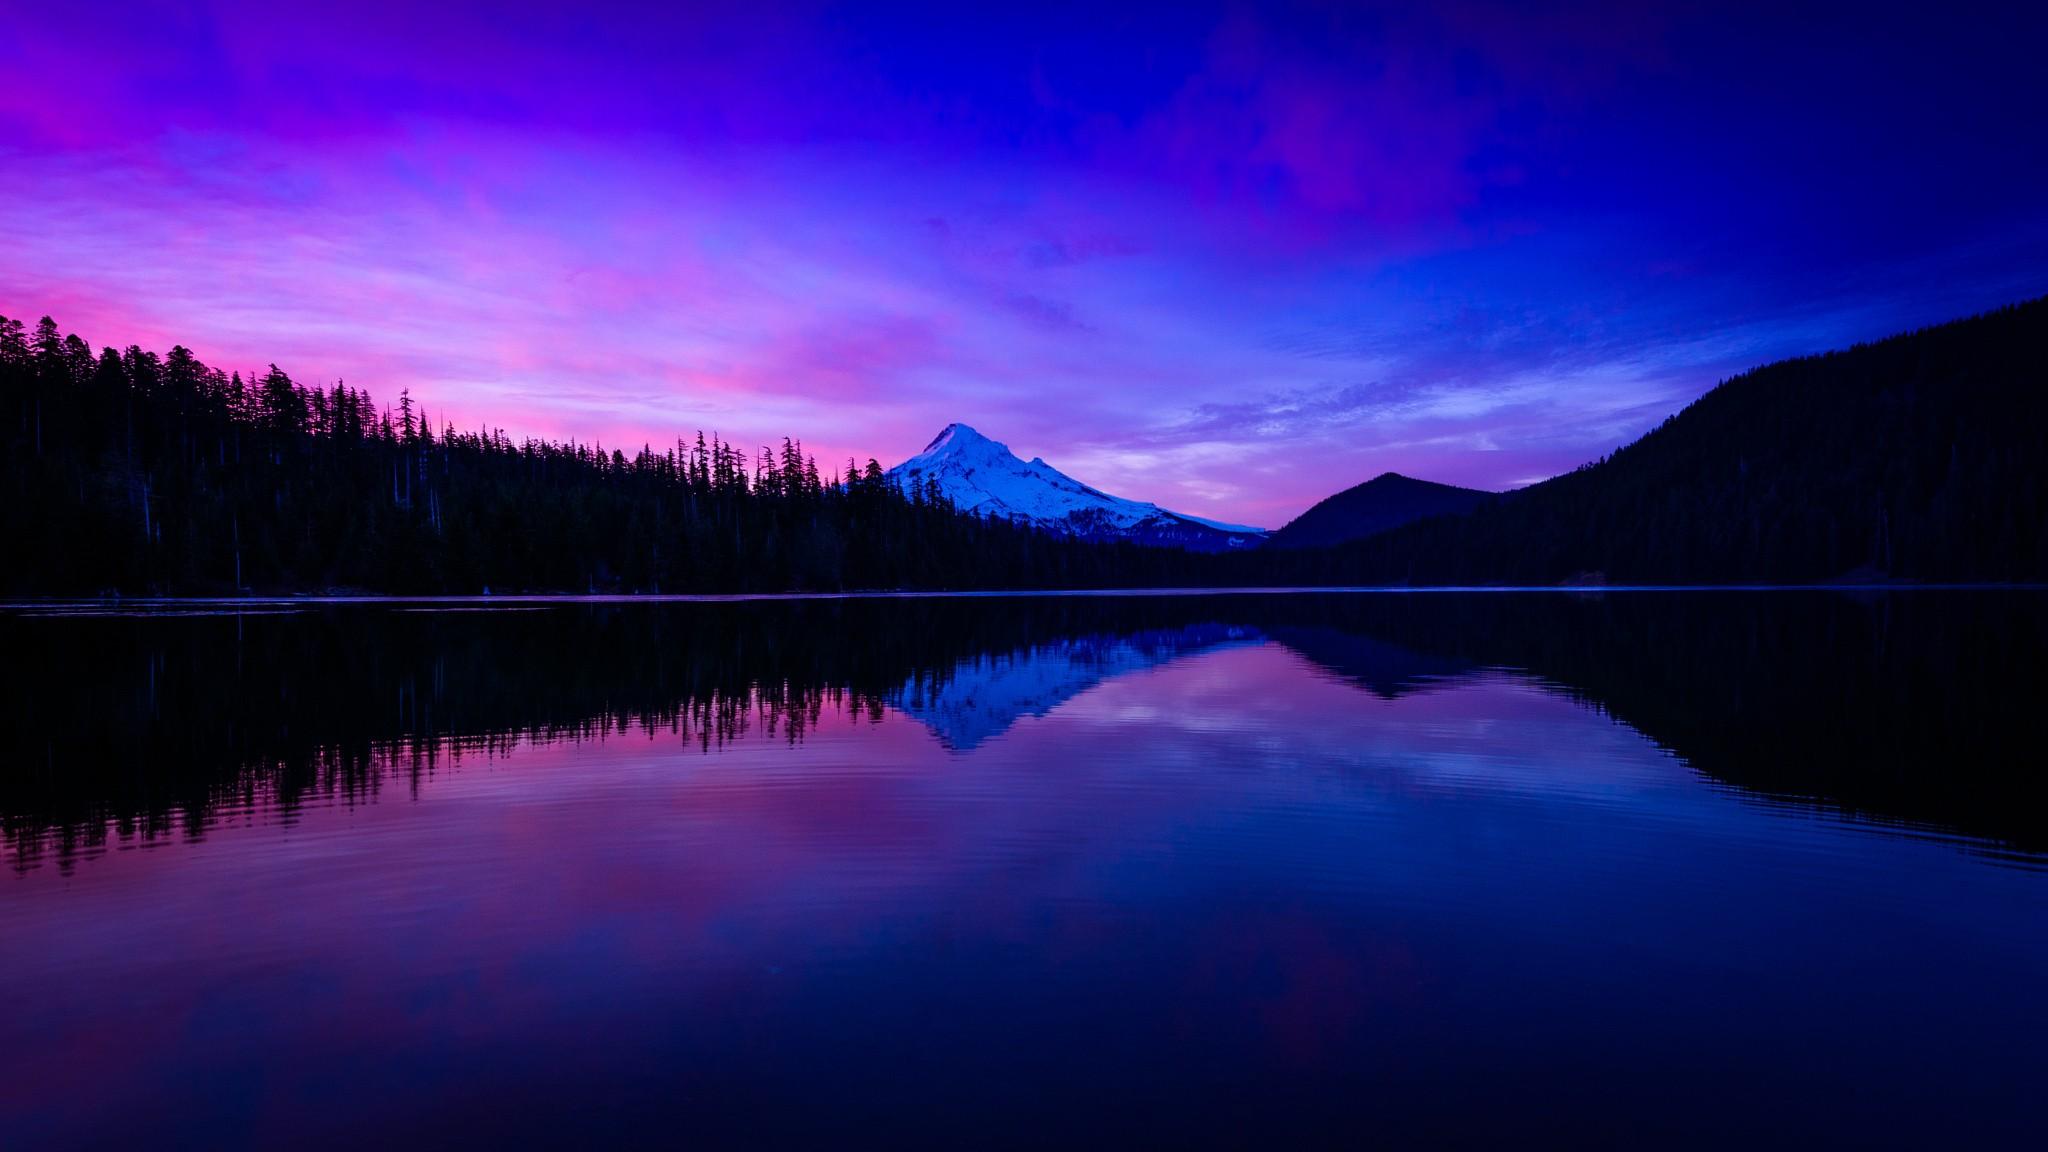 Wallpaper : pemandangan, malam, danau, alam, refleksi, langit